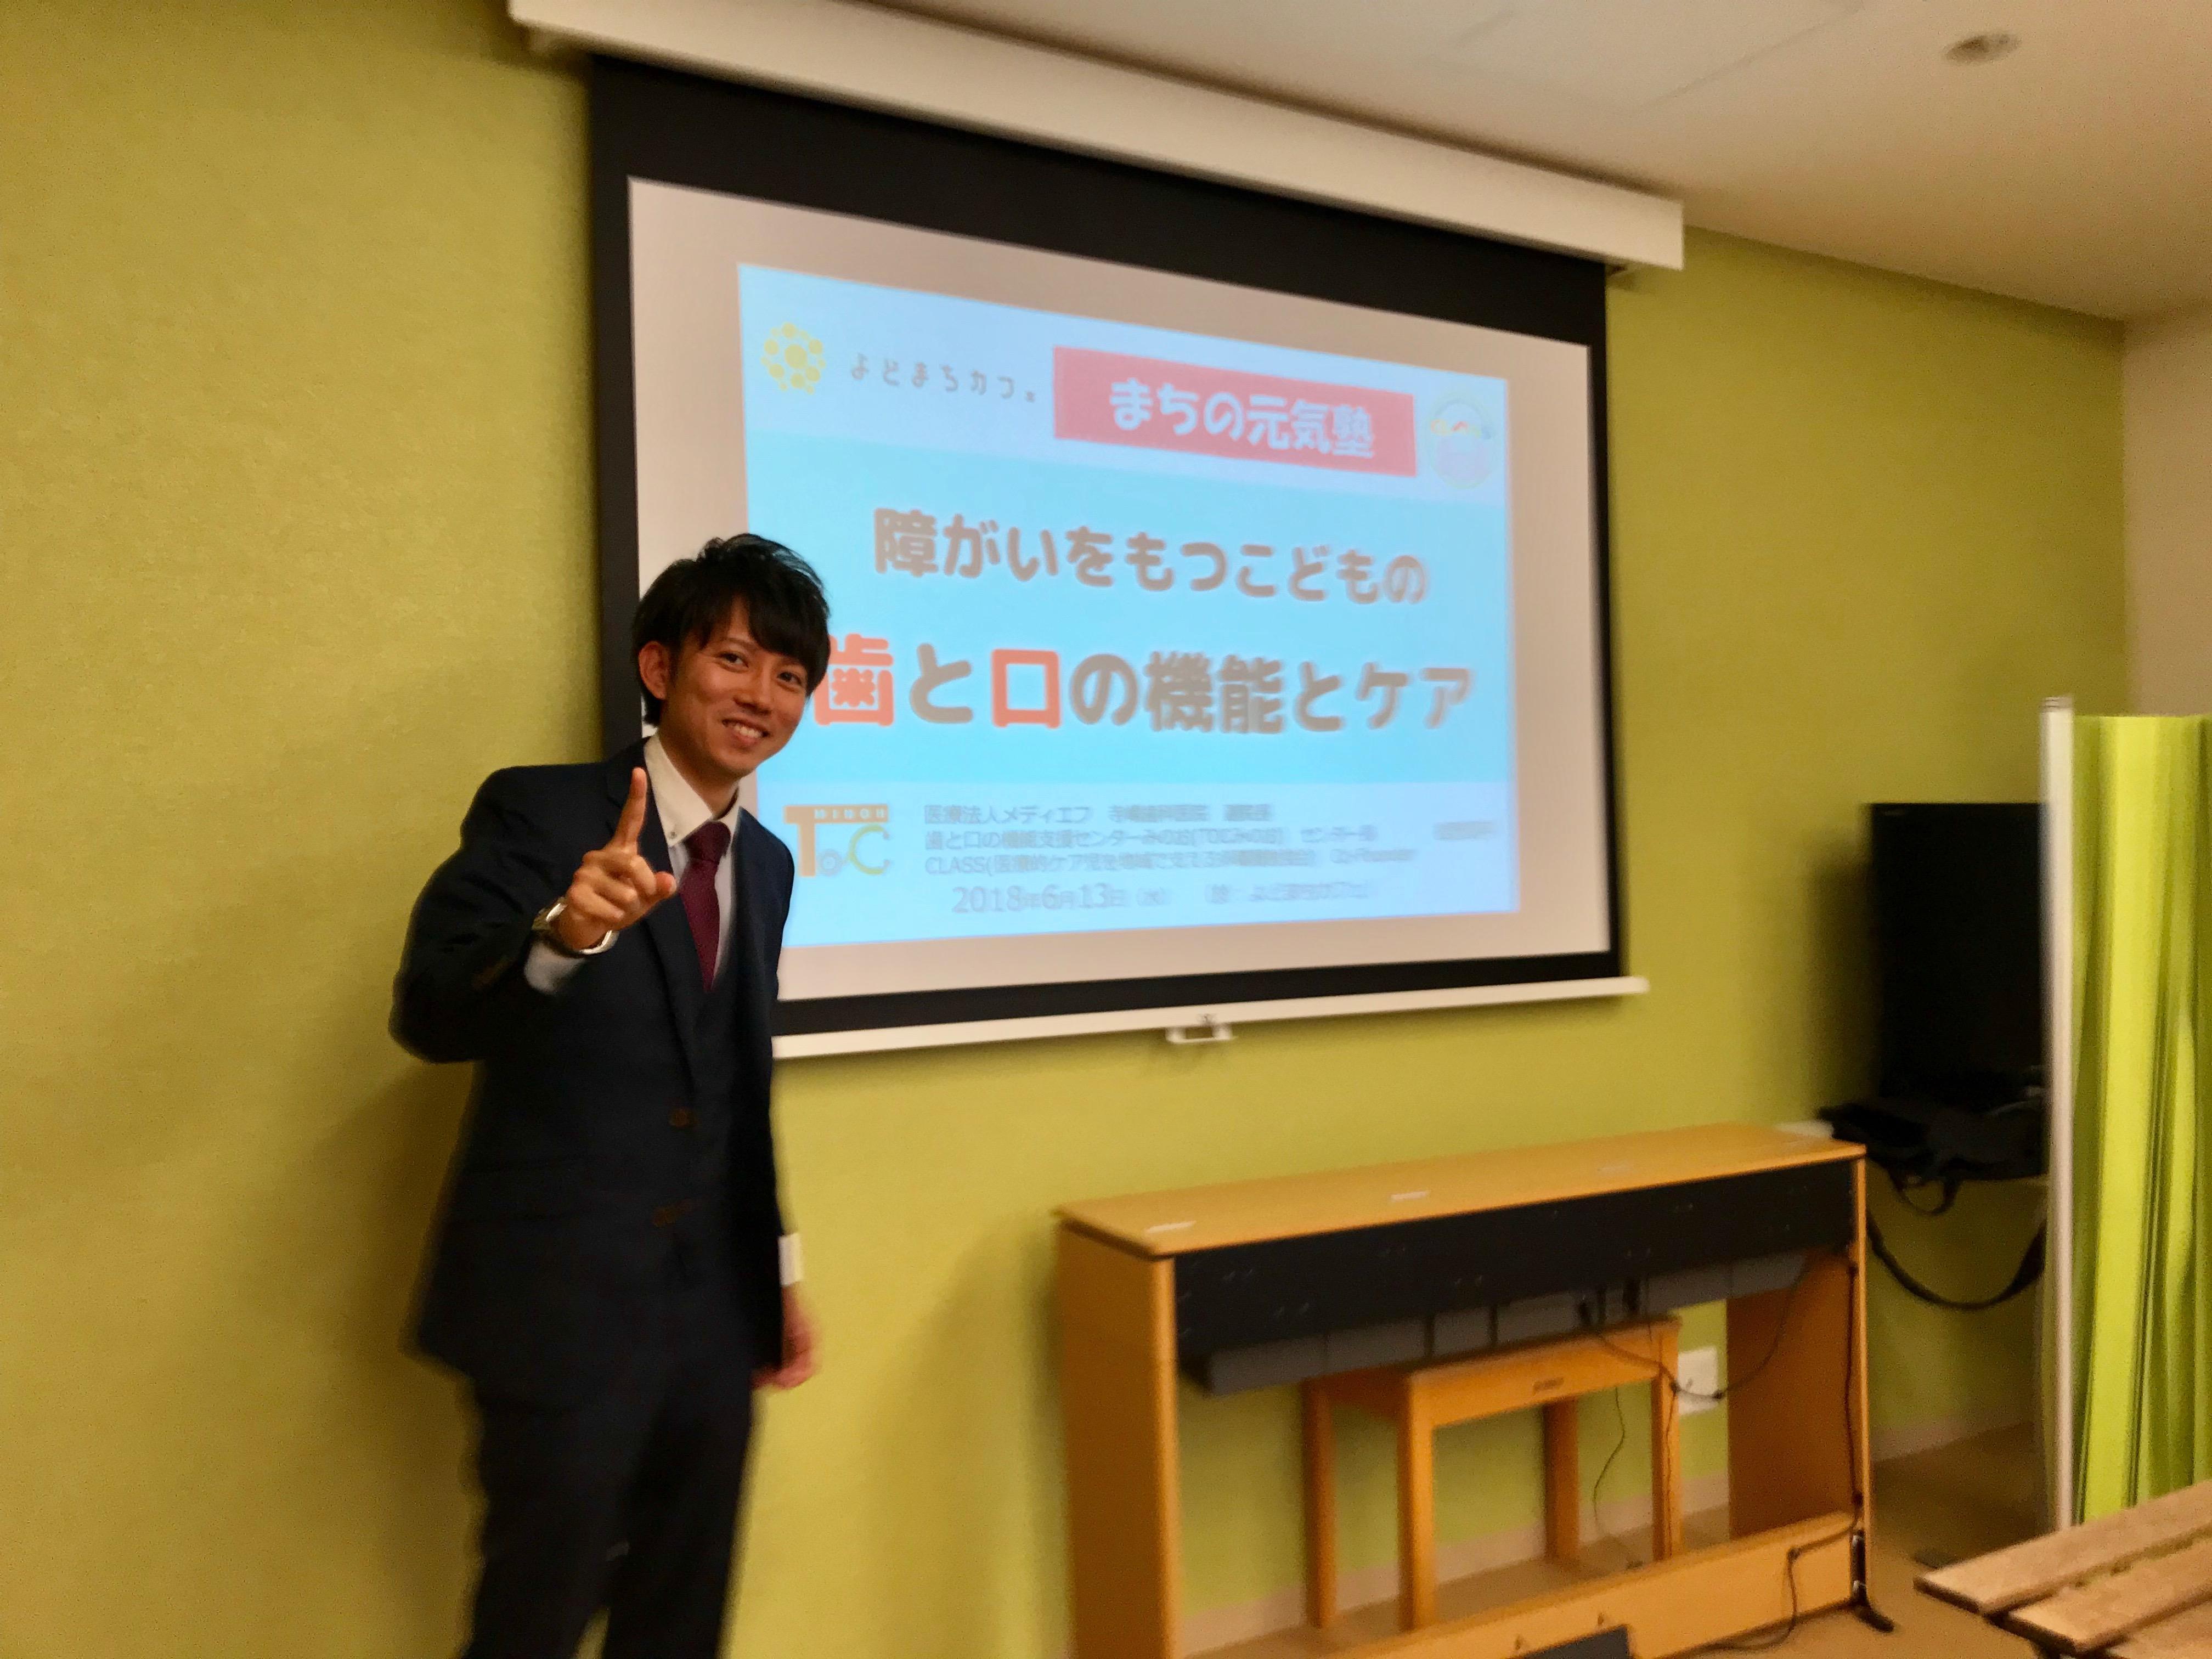 2018.6.13よどまち②.JPG